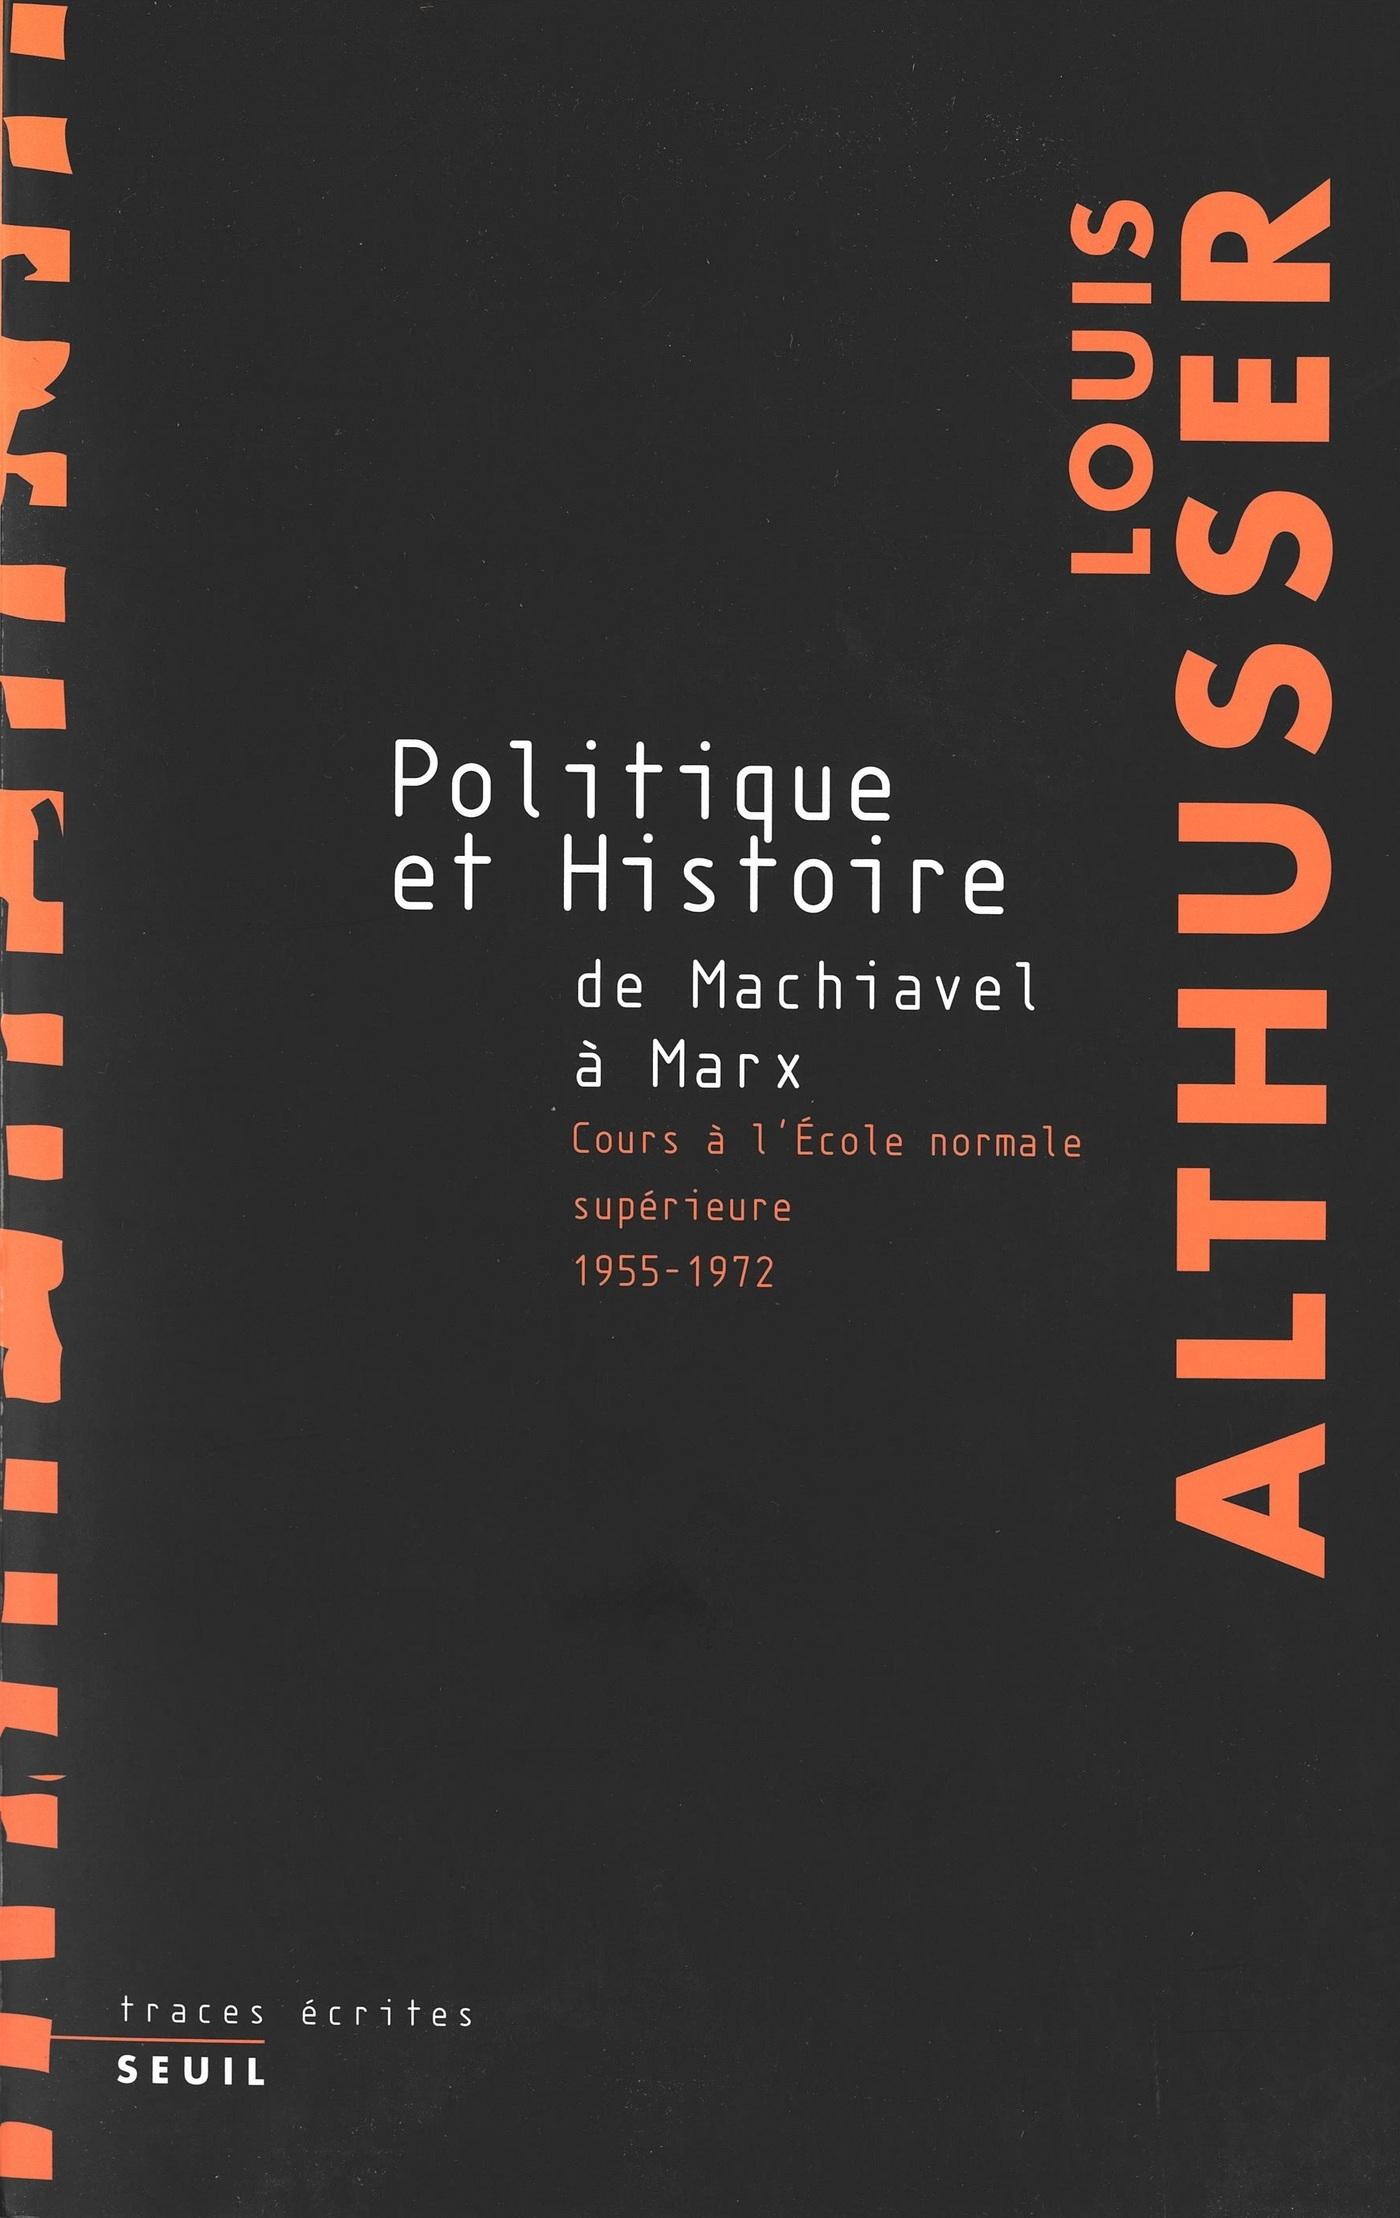 Politique et Histoire, de Machiavel à Marx - Cours à l'Ecole Normale Supérieure de 1955 à 1972